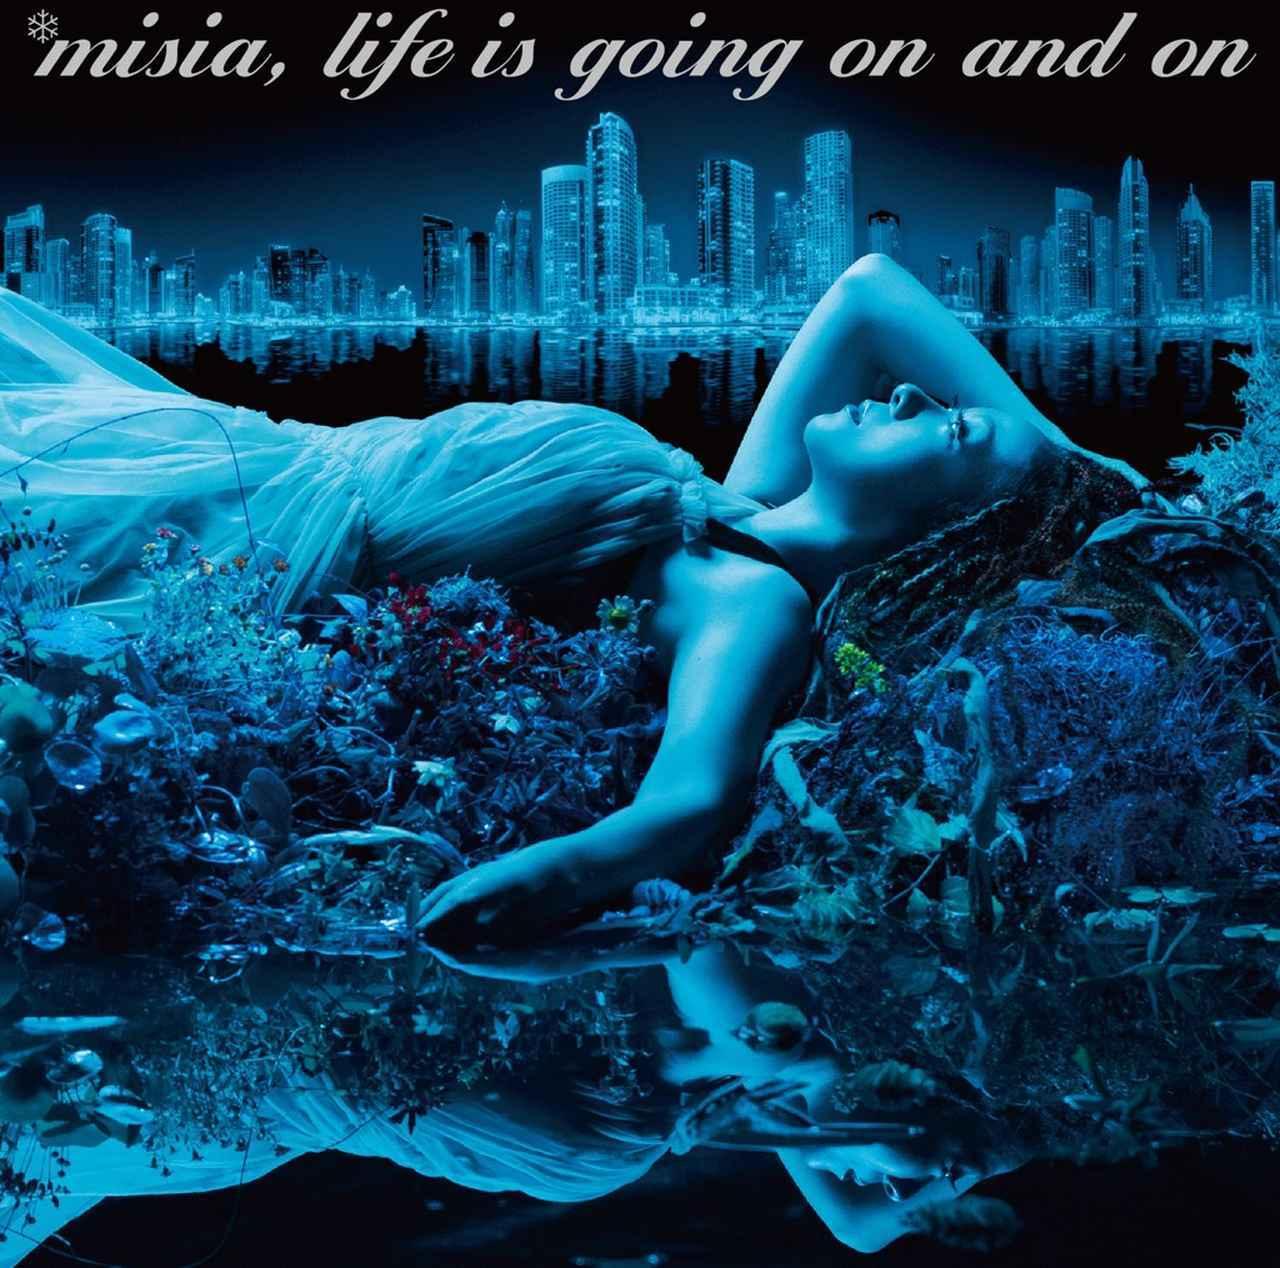 画像1: Life is going on and on/MISIA